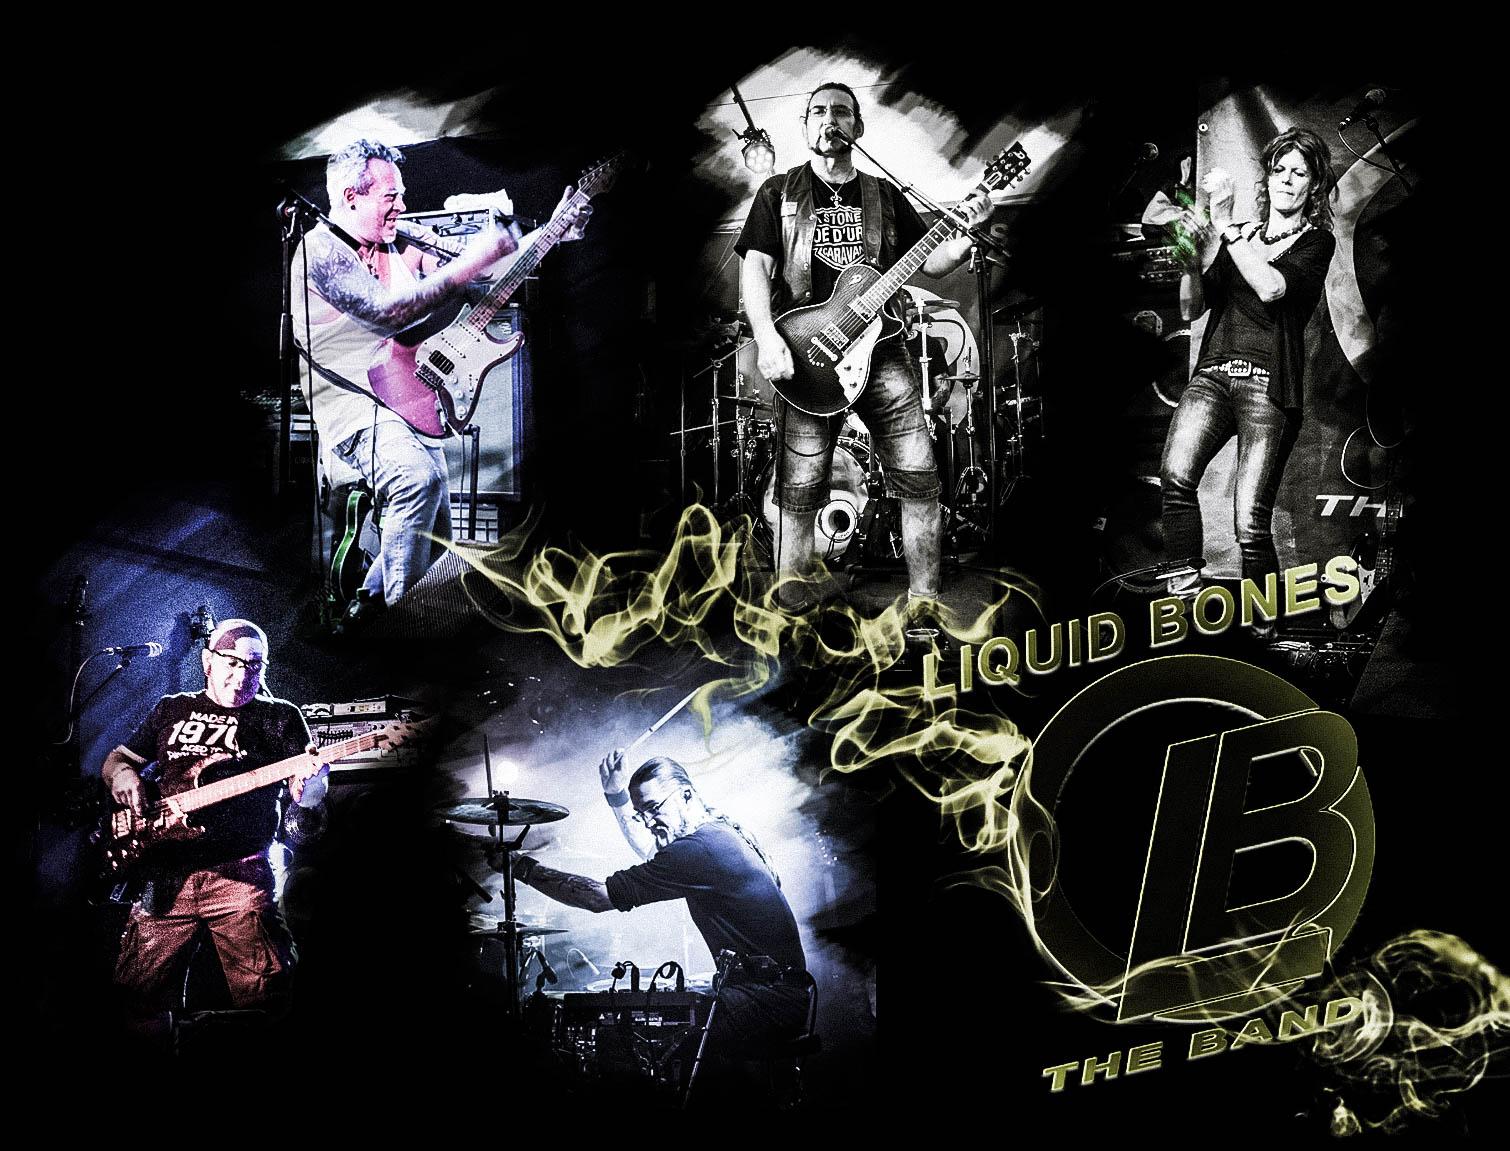 Bandmitglieder Liquid-Bones